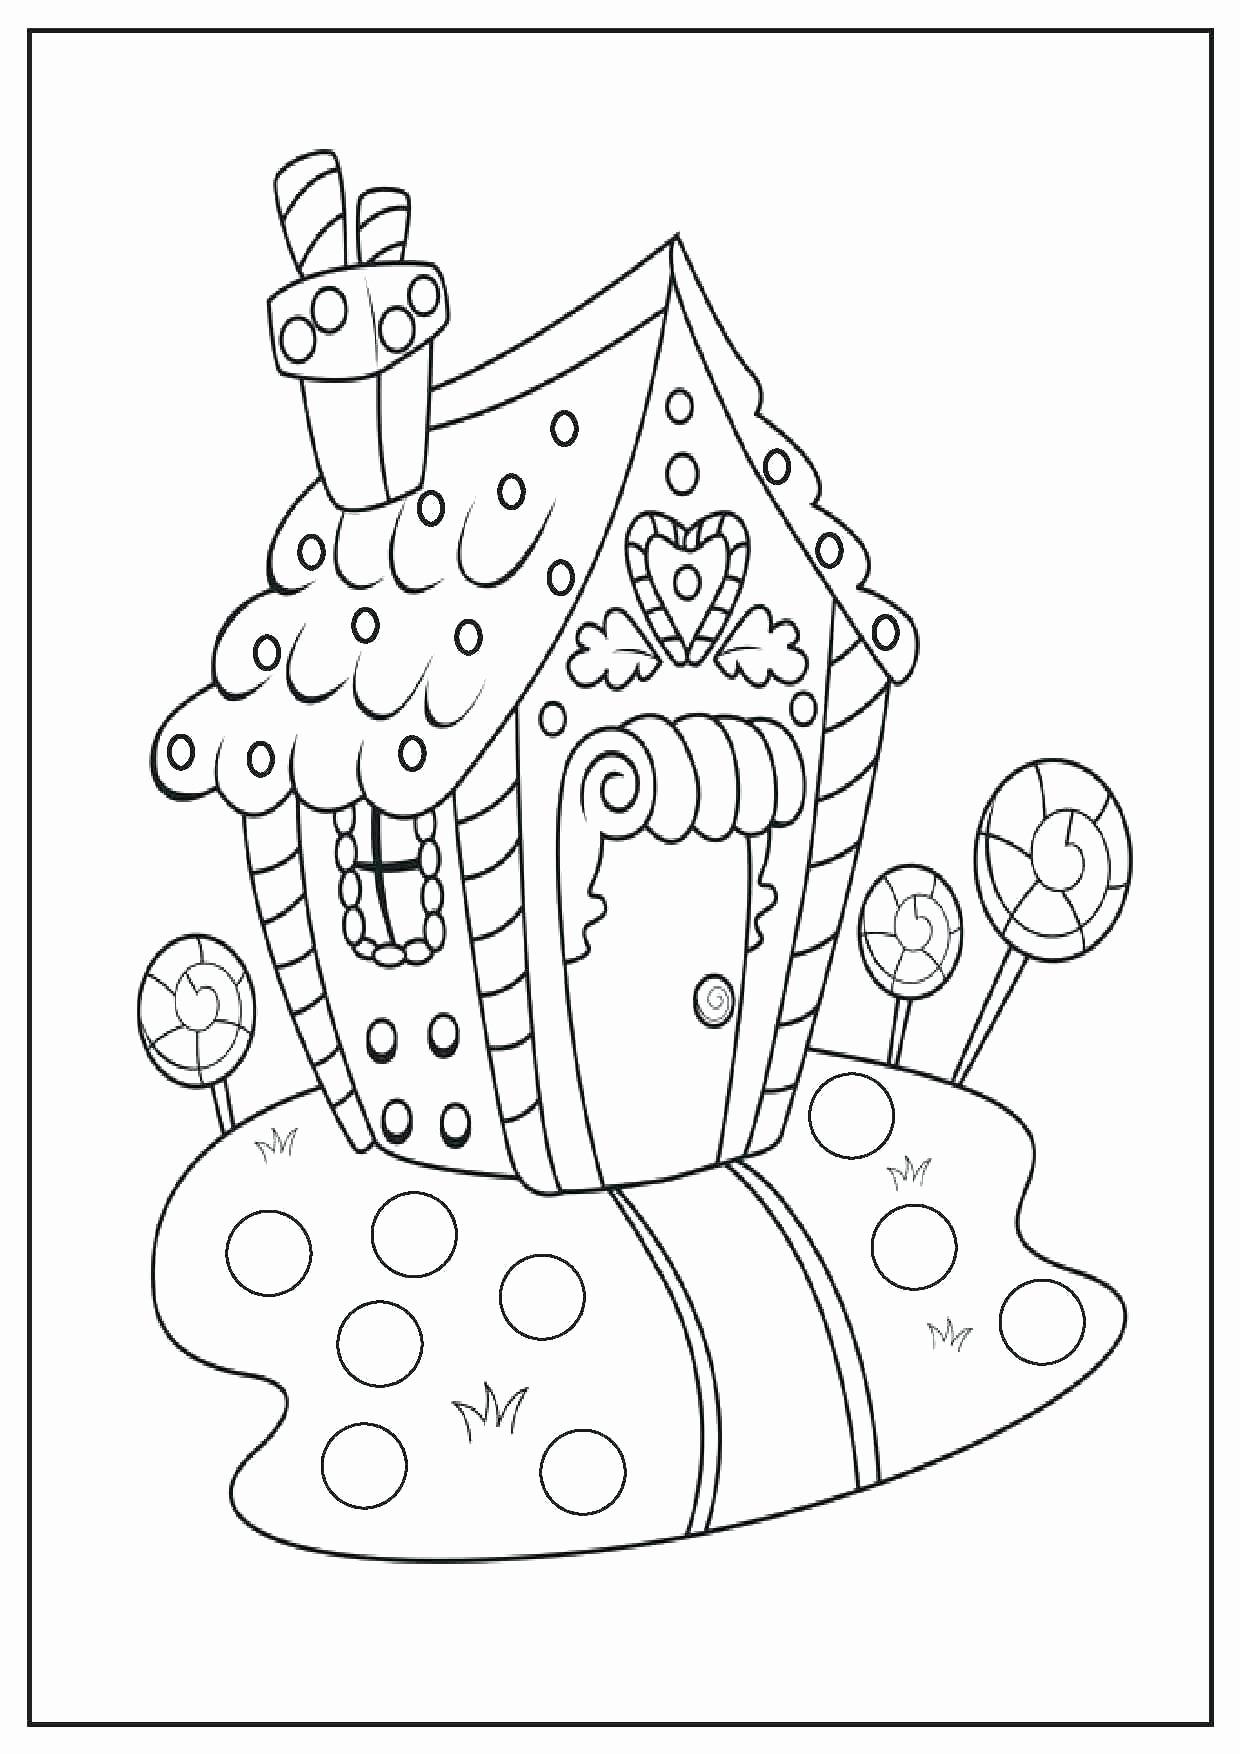 Christmas Worksheets for Preschoolers Printables Best Of Christmas Worksheets Printable Kindergarten Harryatkins Math